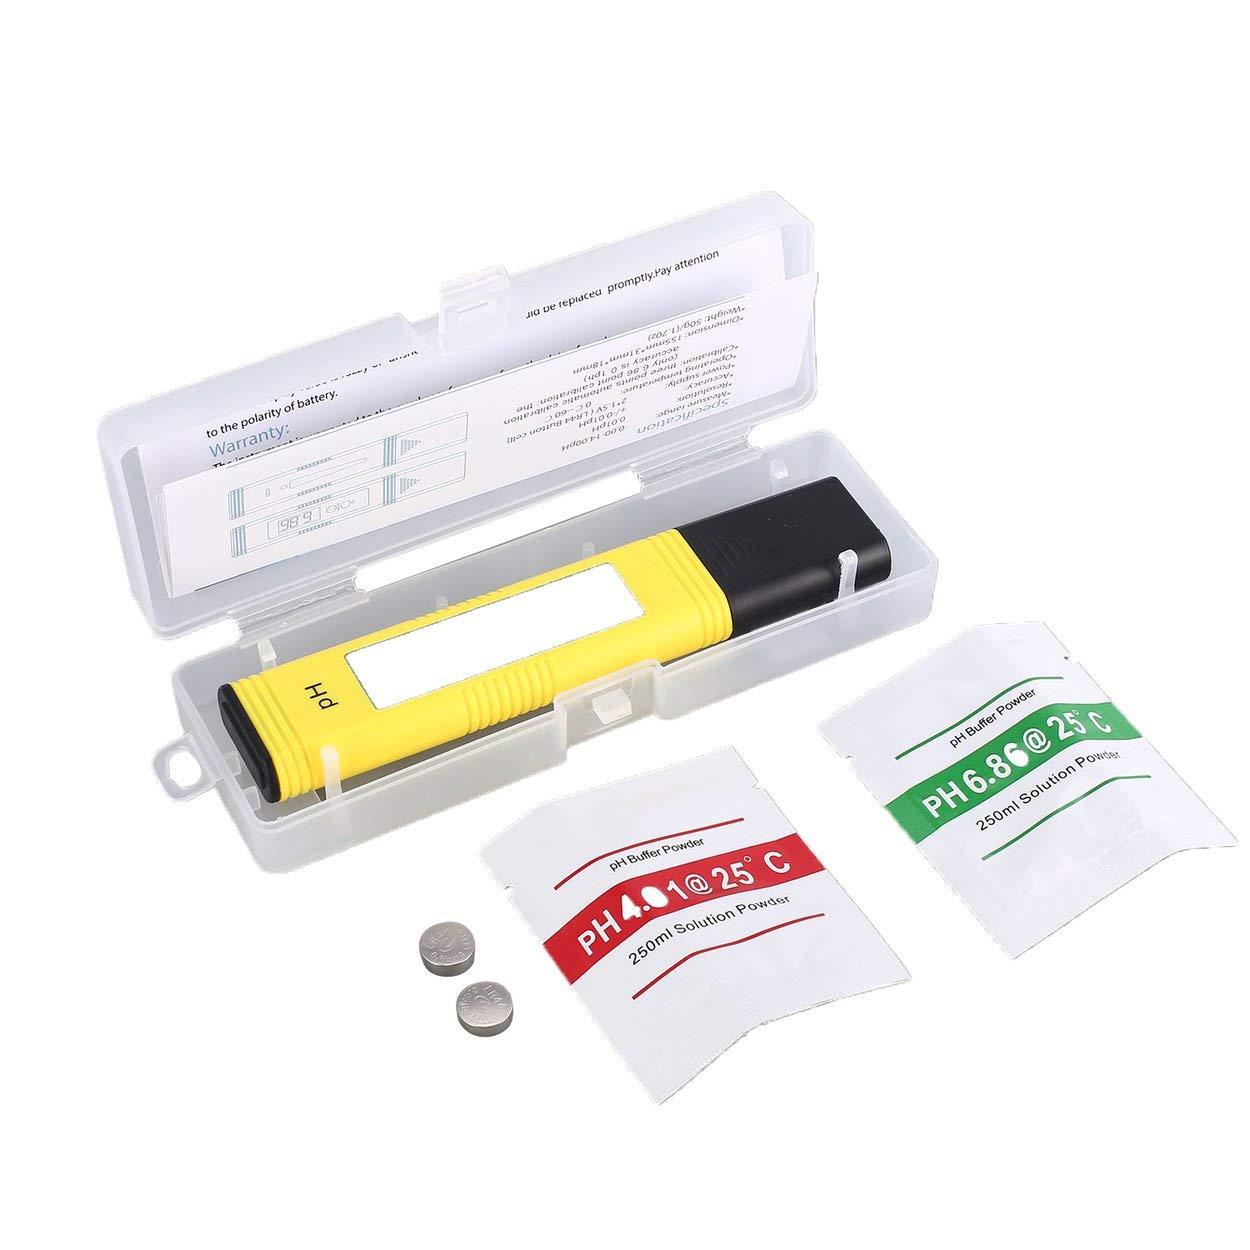 Lorenlli Medidor de pH digital LCD portá til 0-14PH Precisió n del comprobador de pluma 0.01 para acuario de piscina Monitor de calidad del agua Acuicultura Hidroponí a